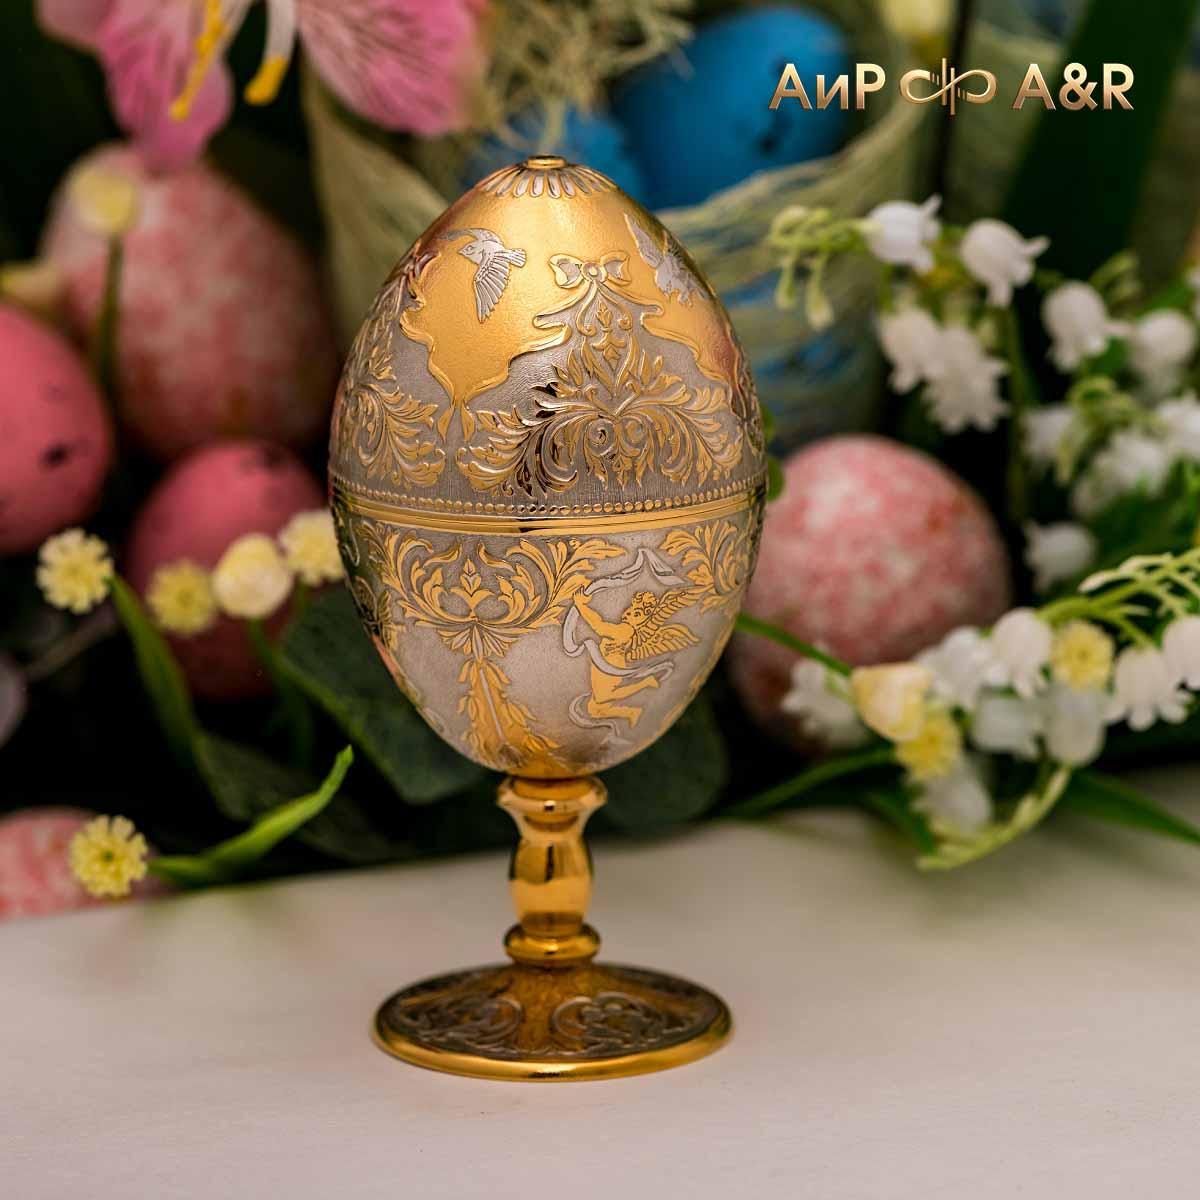 Как украсить яйца на пасху 2020? делаем декор для пасхальных яиц своими руками